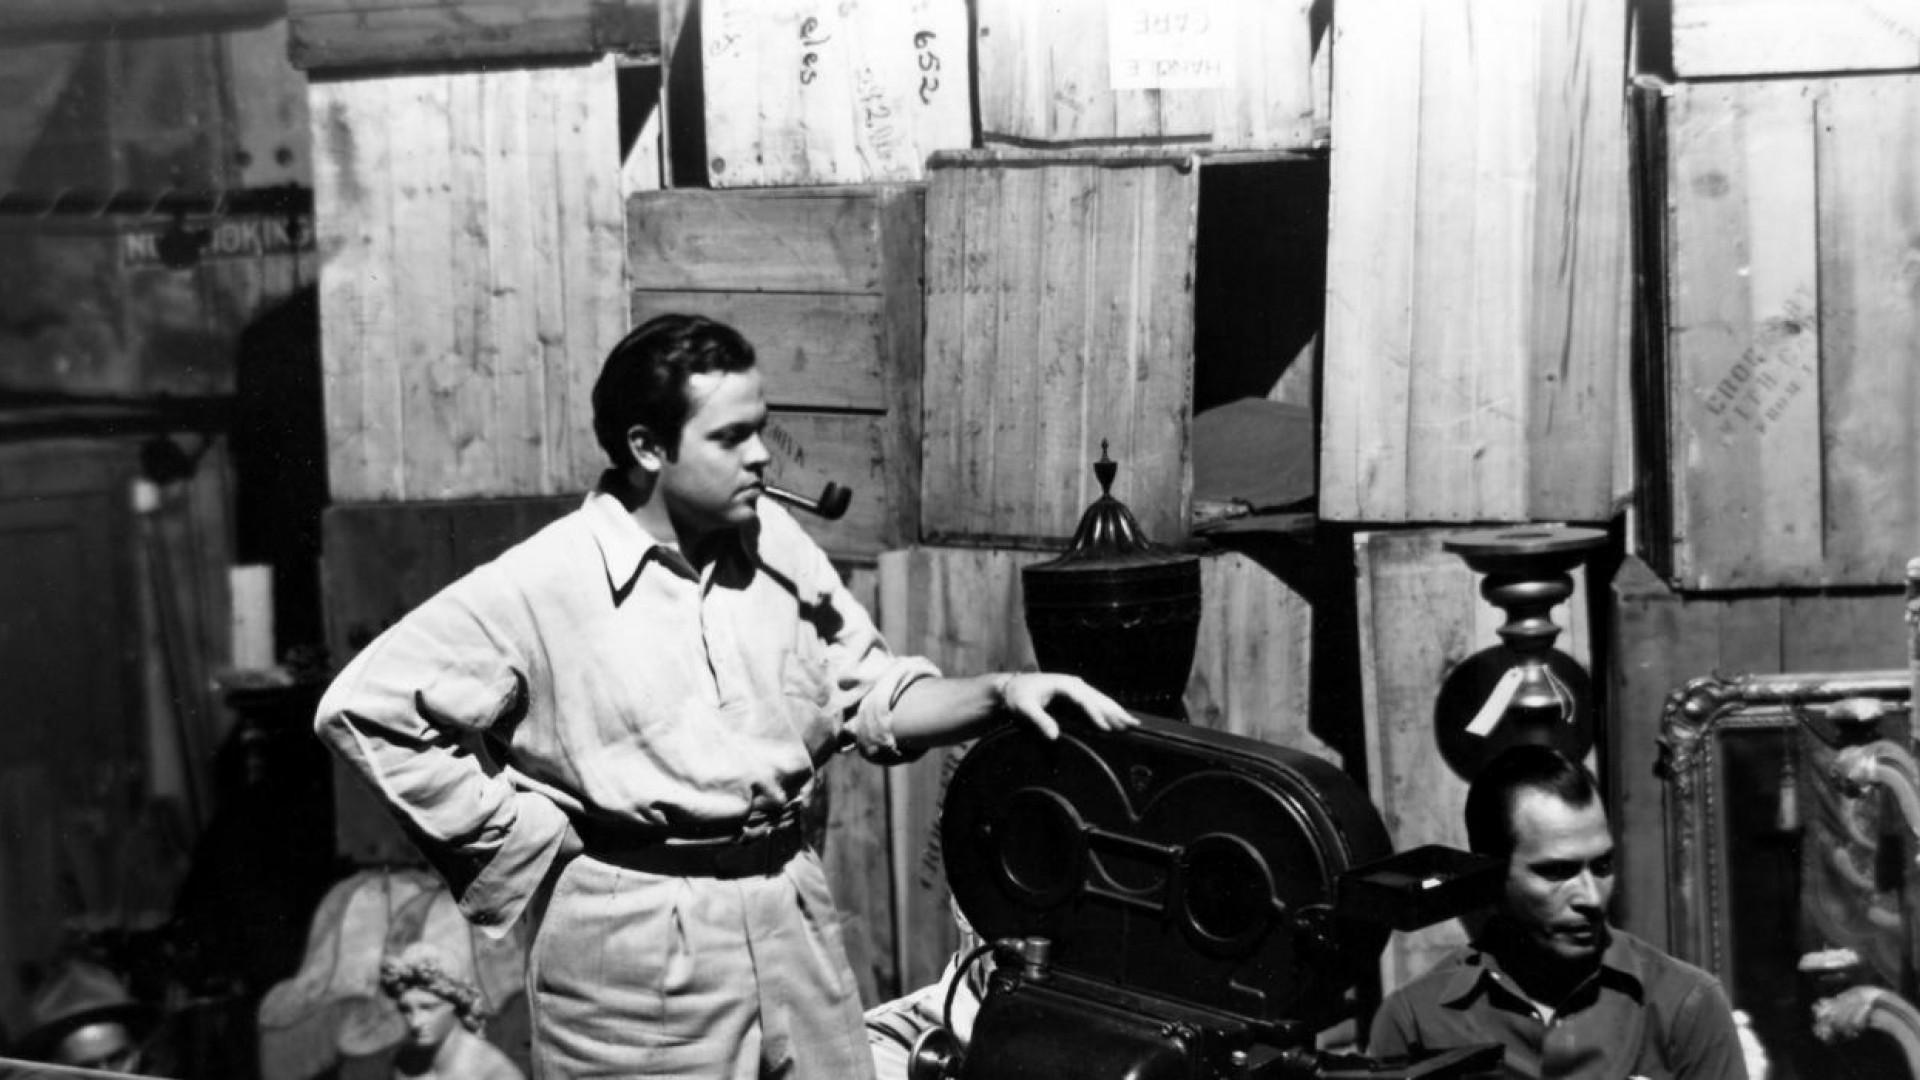 Visions de cinema: La mirada de Orson Welles